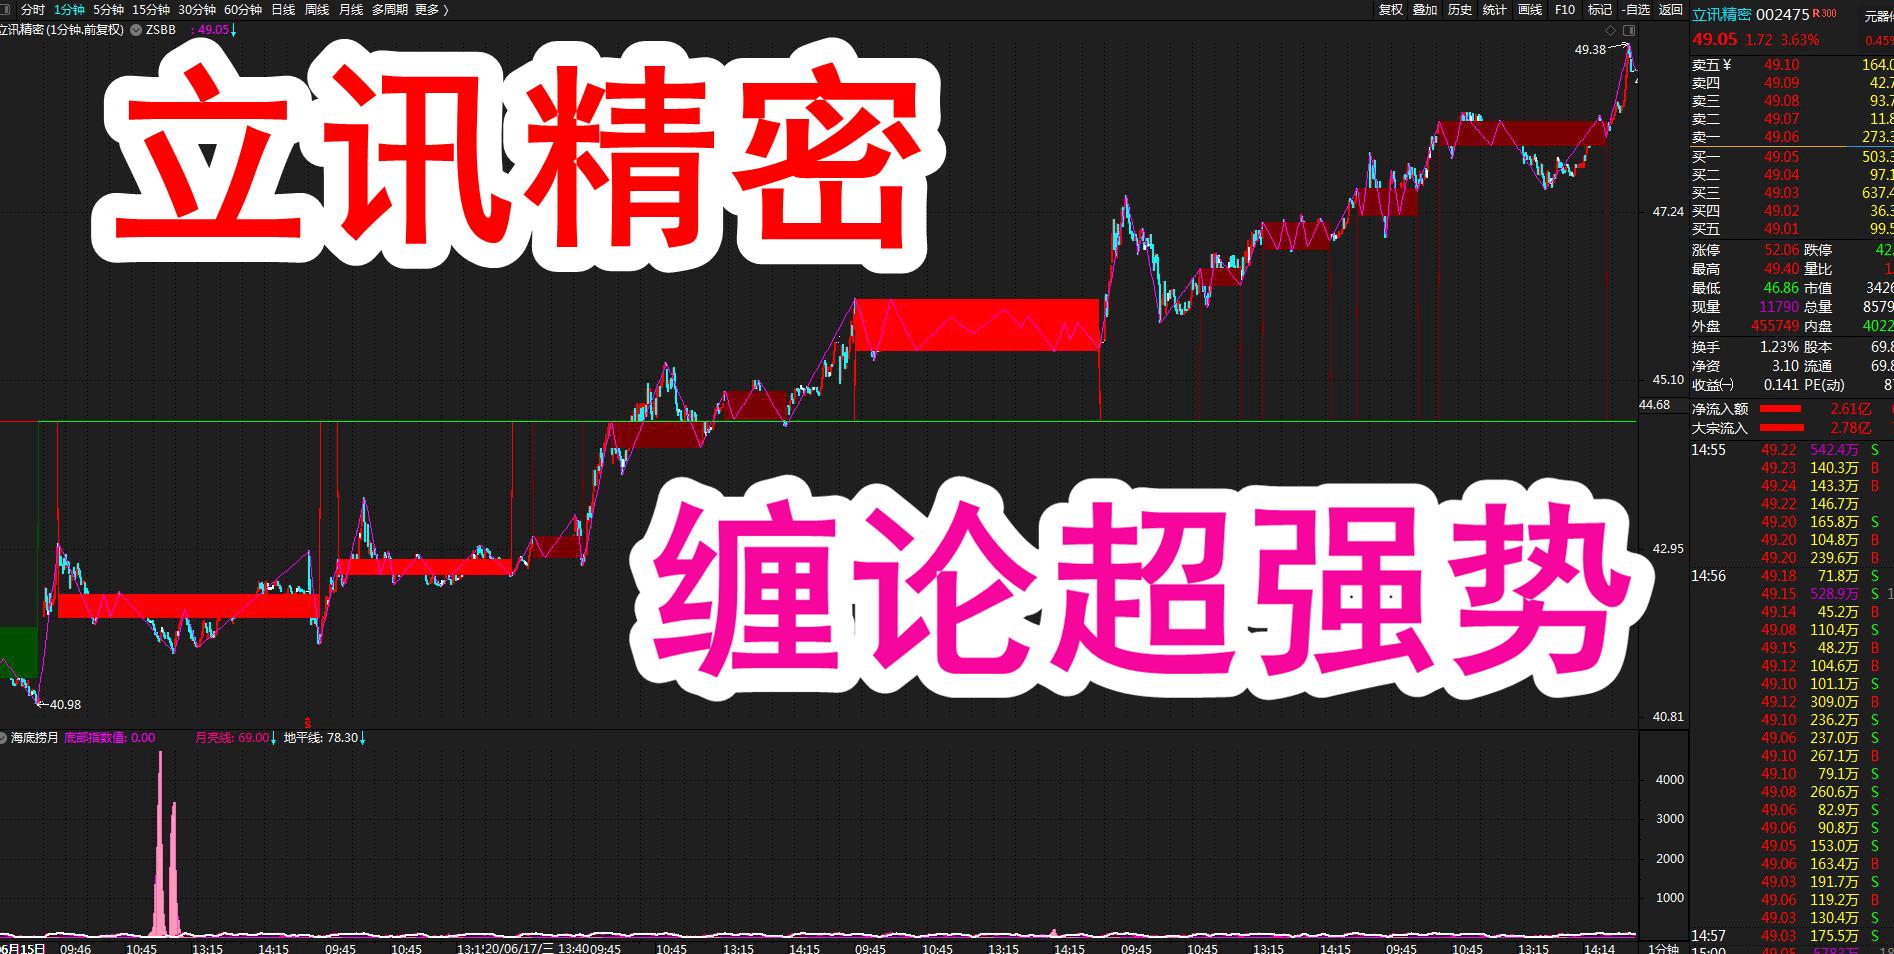 股市缠论:立讯精密(002475)股票缠论k线超强势结构图解!(6月23日)